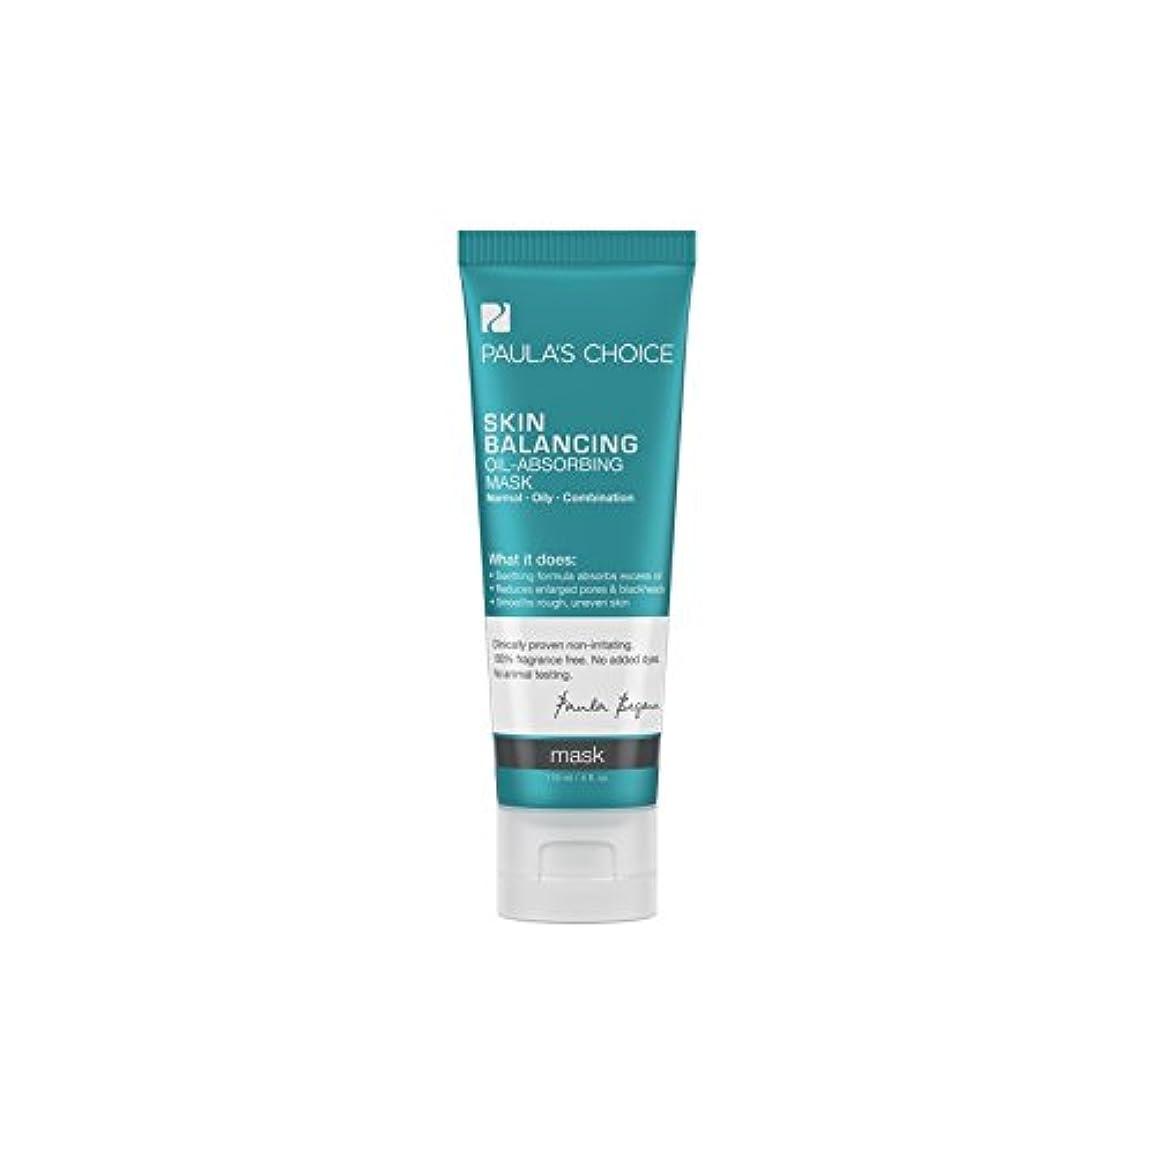 素晴らしき超音速絡まるPaula's Choice Skin Balancing Oil-Absorbing Mask (118ml) (Pack of 6) - ポーラチョイスの肌のバランス吸油性マスク(118ミリリットル) x6 [並行輸入品]